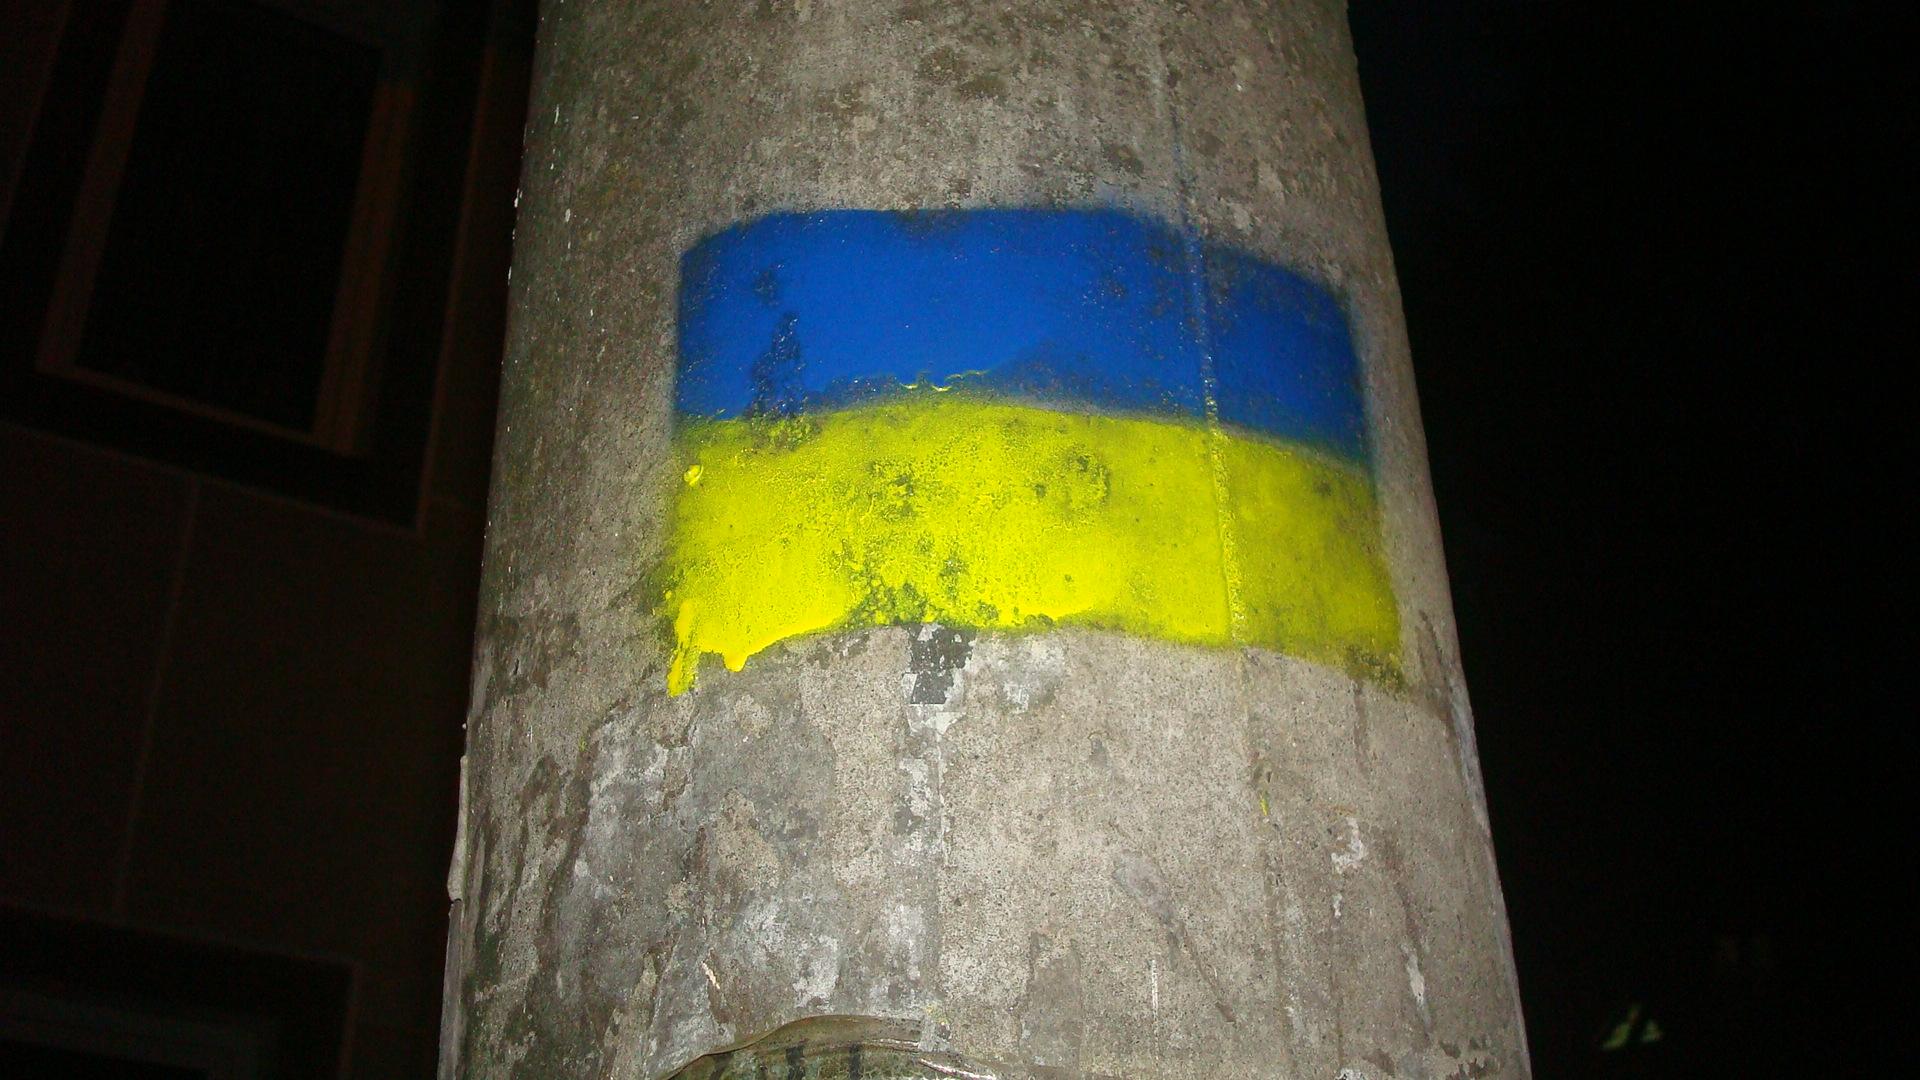 Вказівник на в'їзді до Міжгір'я пофарбували у синьо-жовті барви